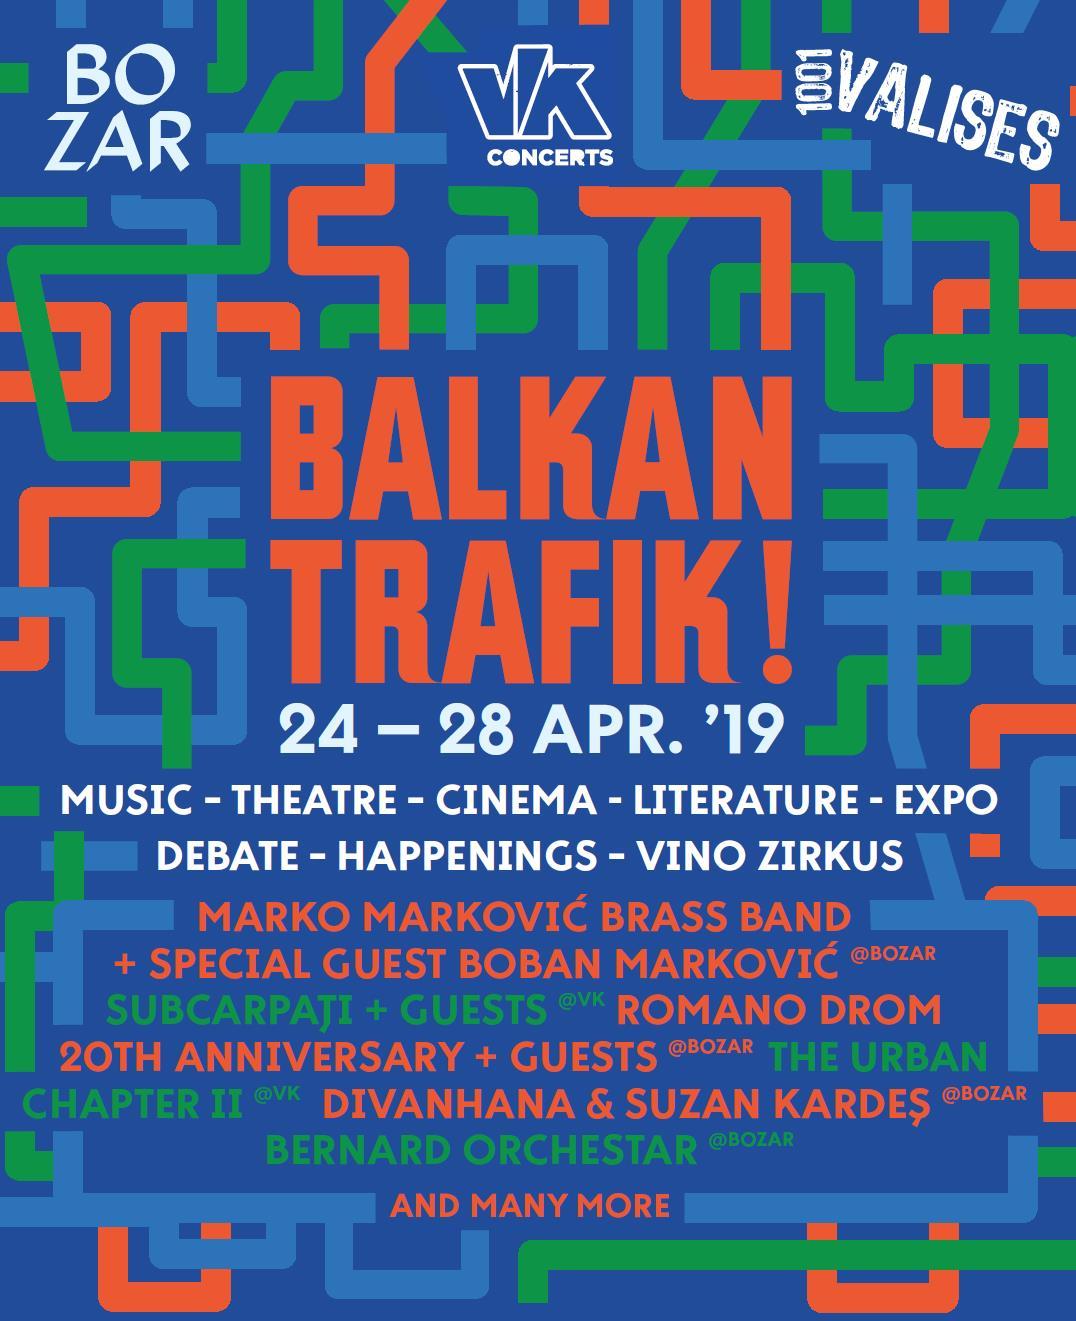 Balkan Trafik!